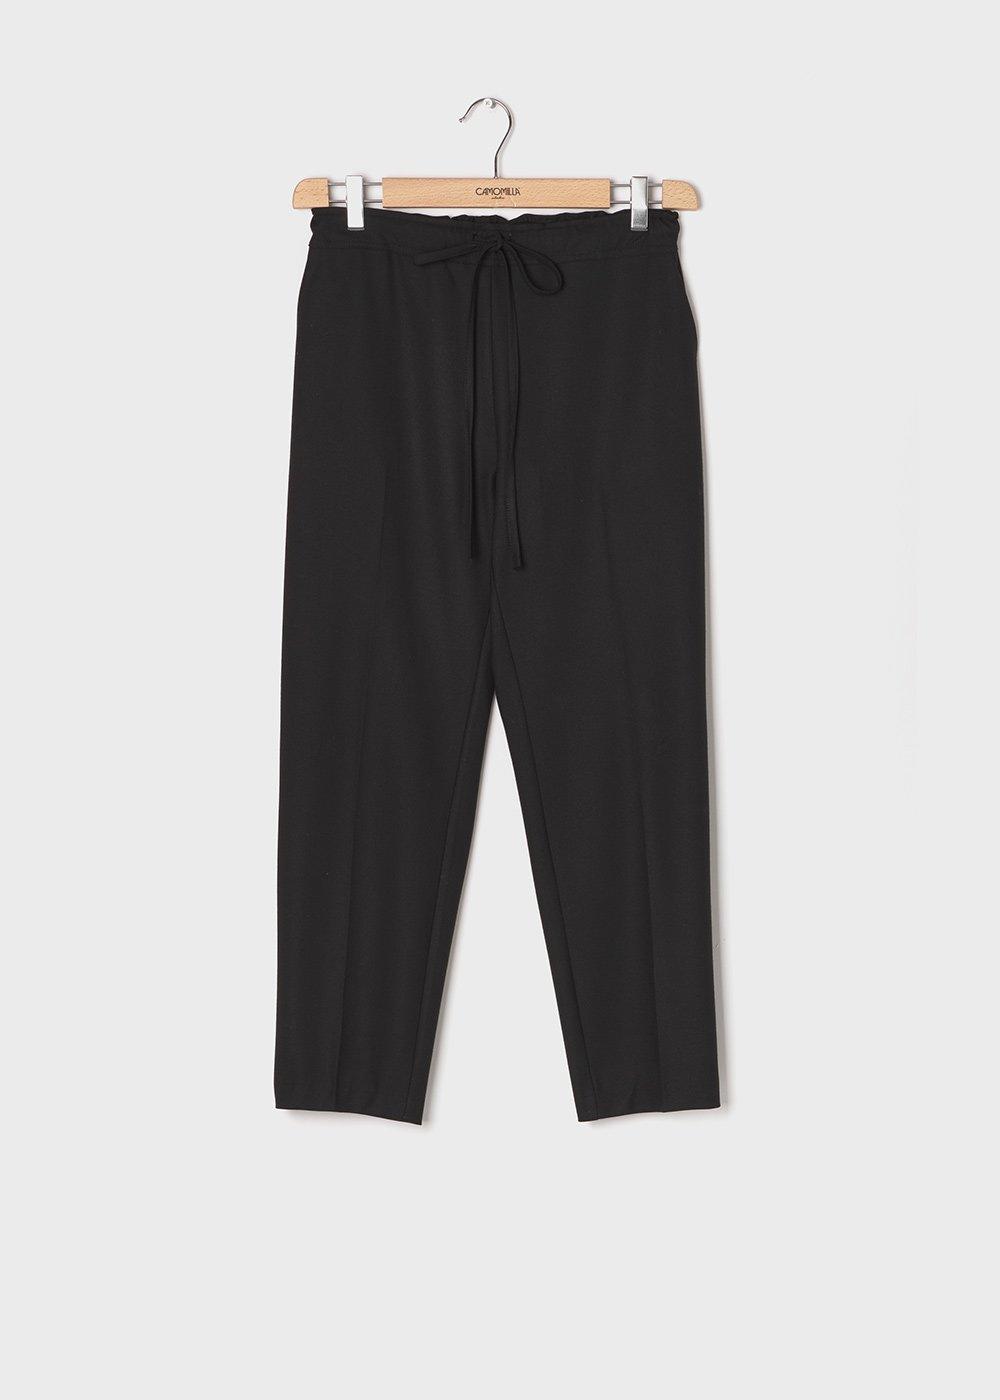 Pantaloni modello Clara in flanella - Black - Donna